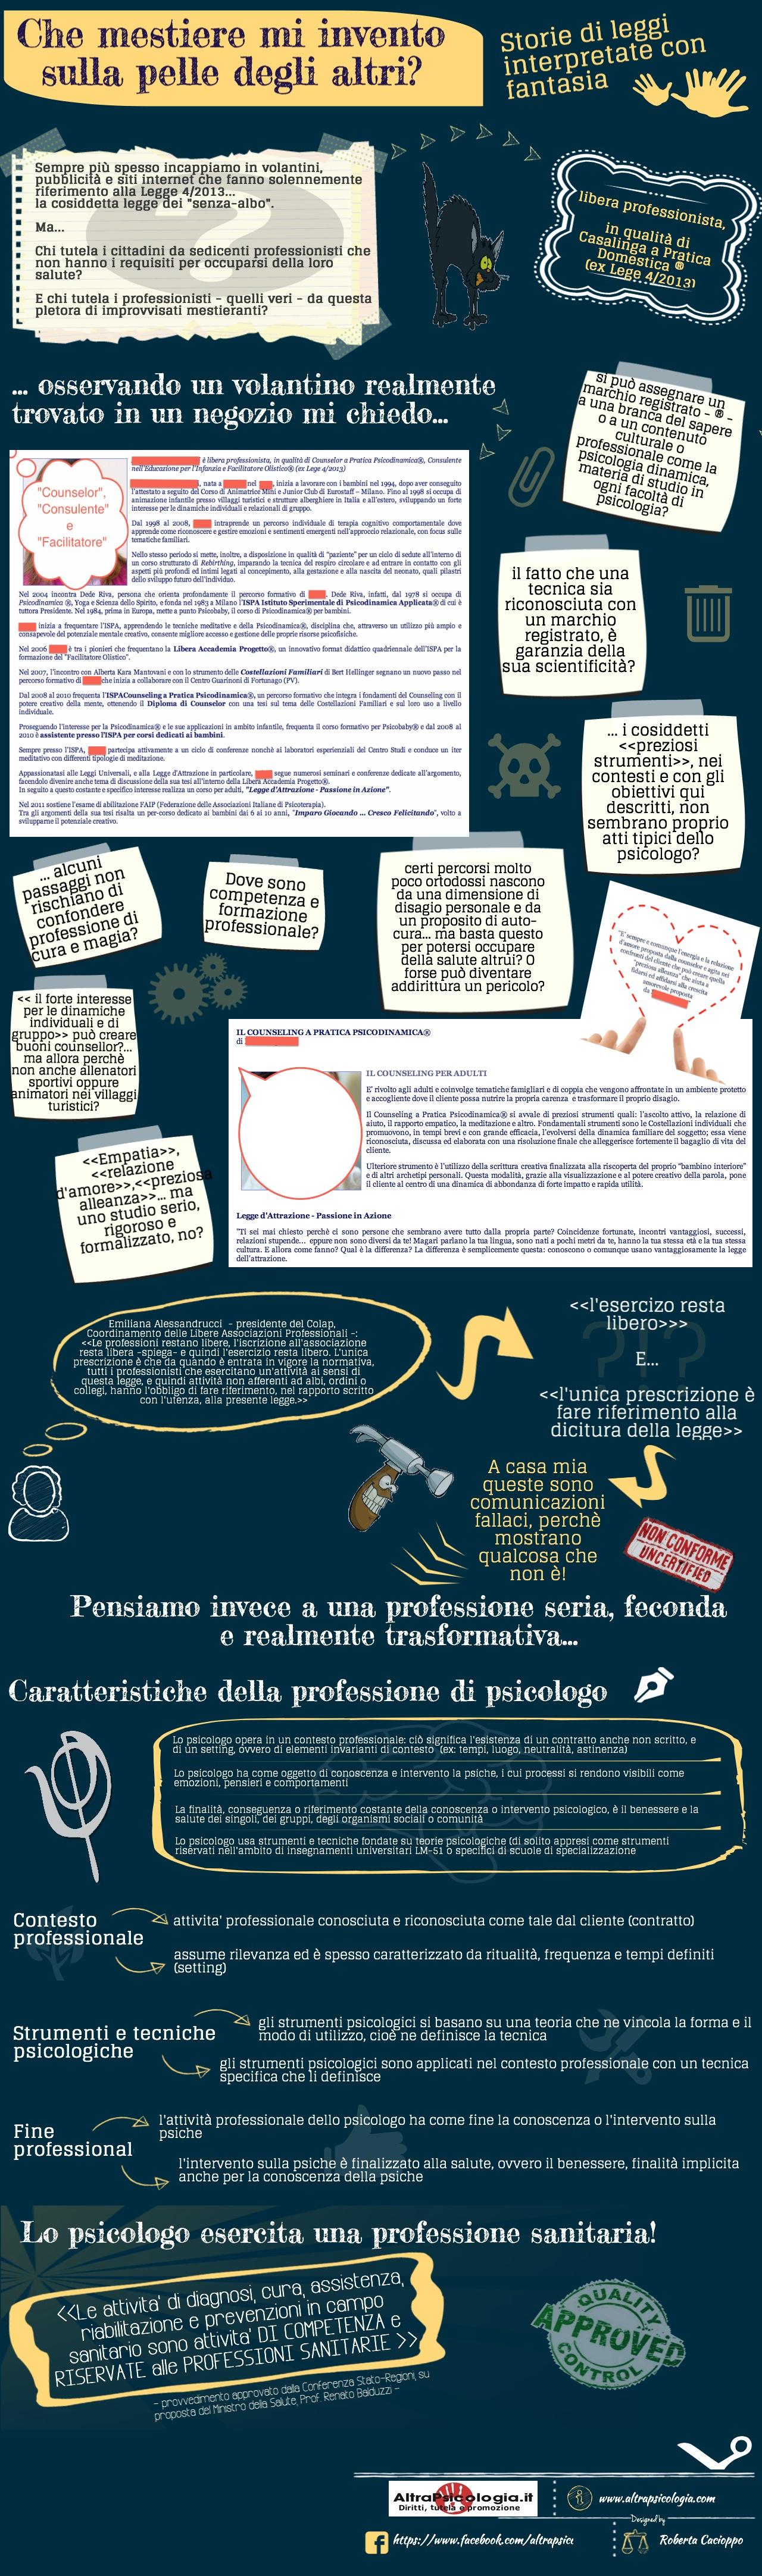 Difendere la psicologia – Tutto in un'immagine